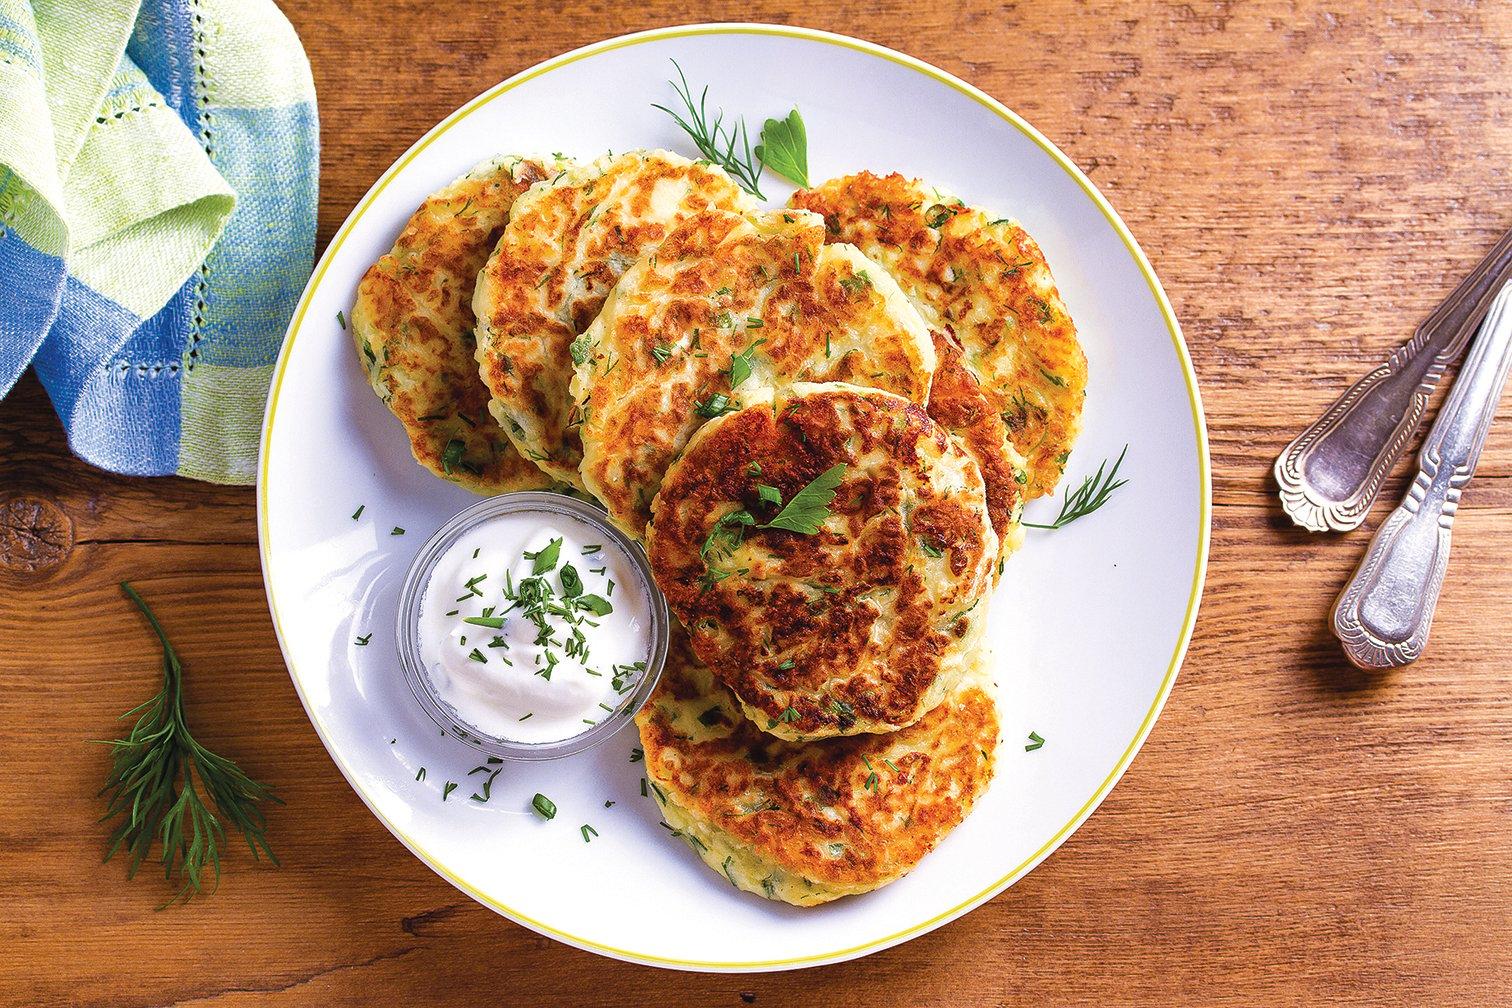 加入洋蔥、歐芹、芝士、雞蛋和麵粉做成的脆皮馬鈴薯餅。